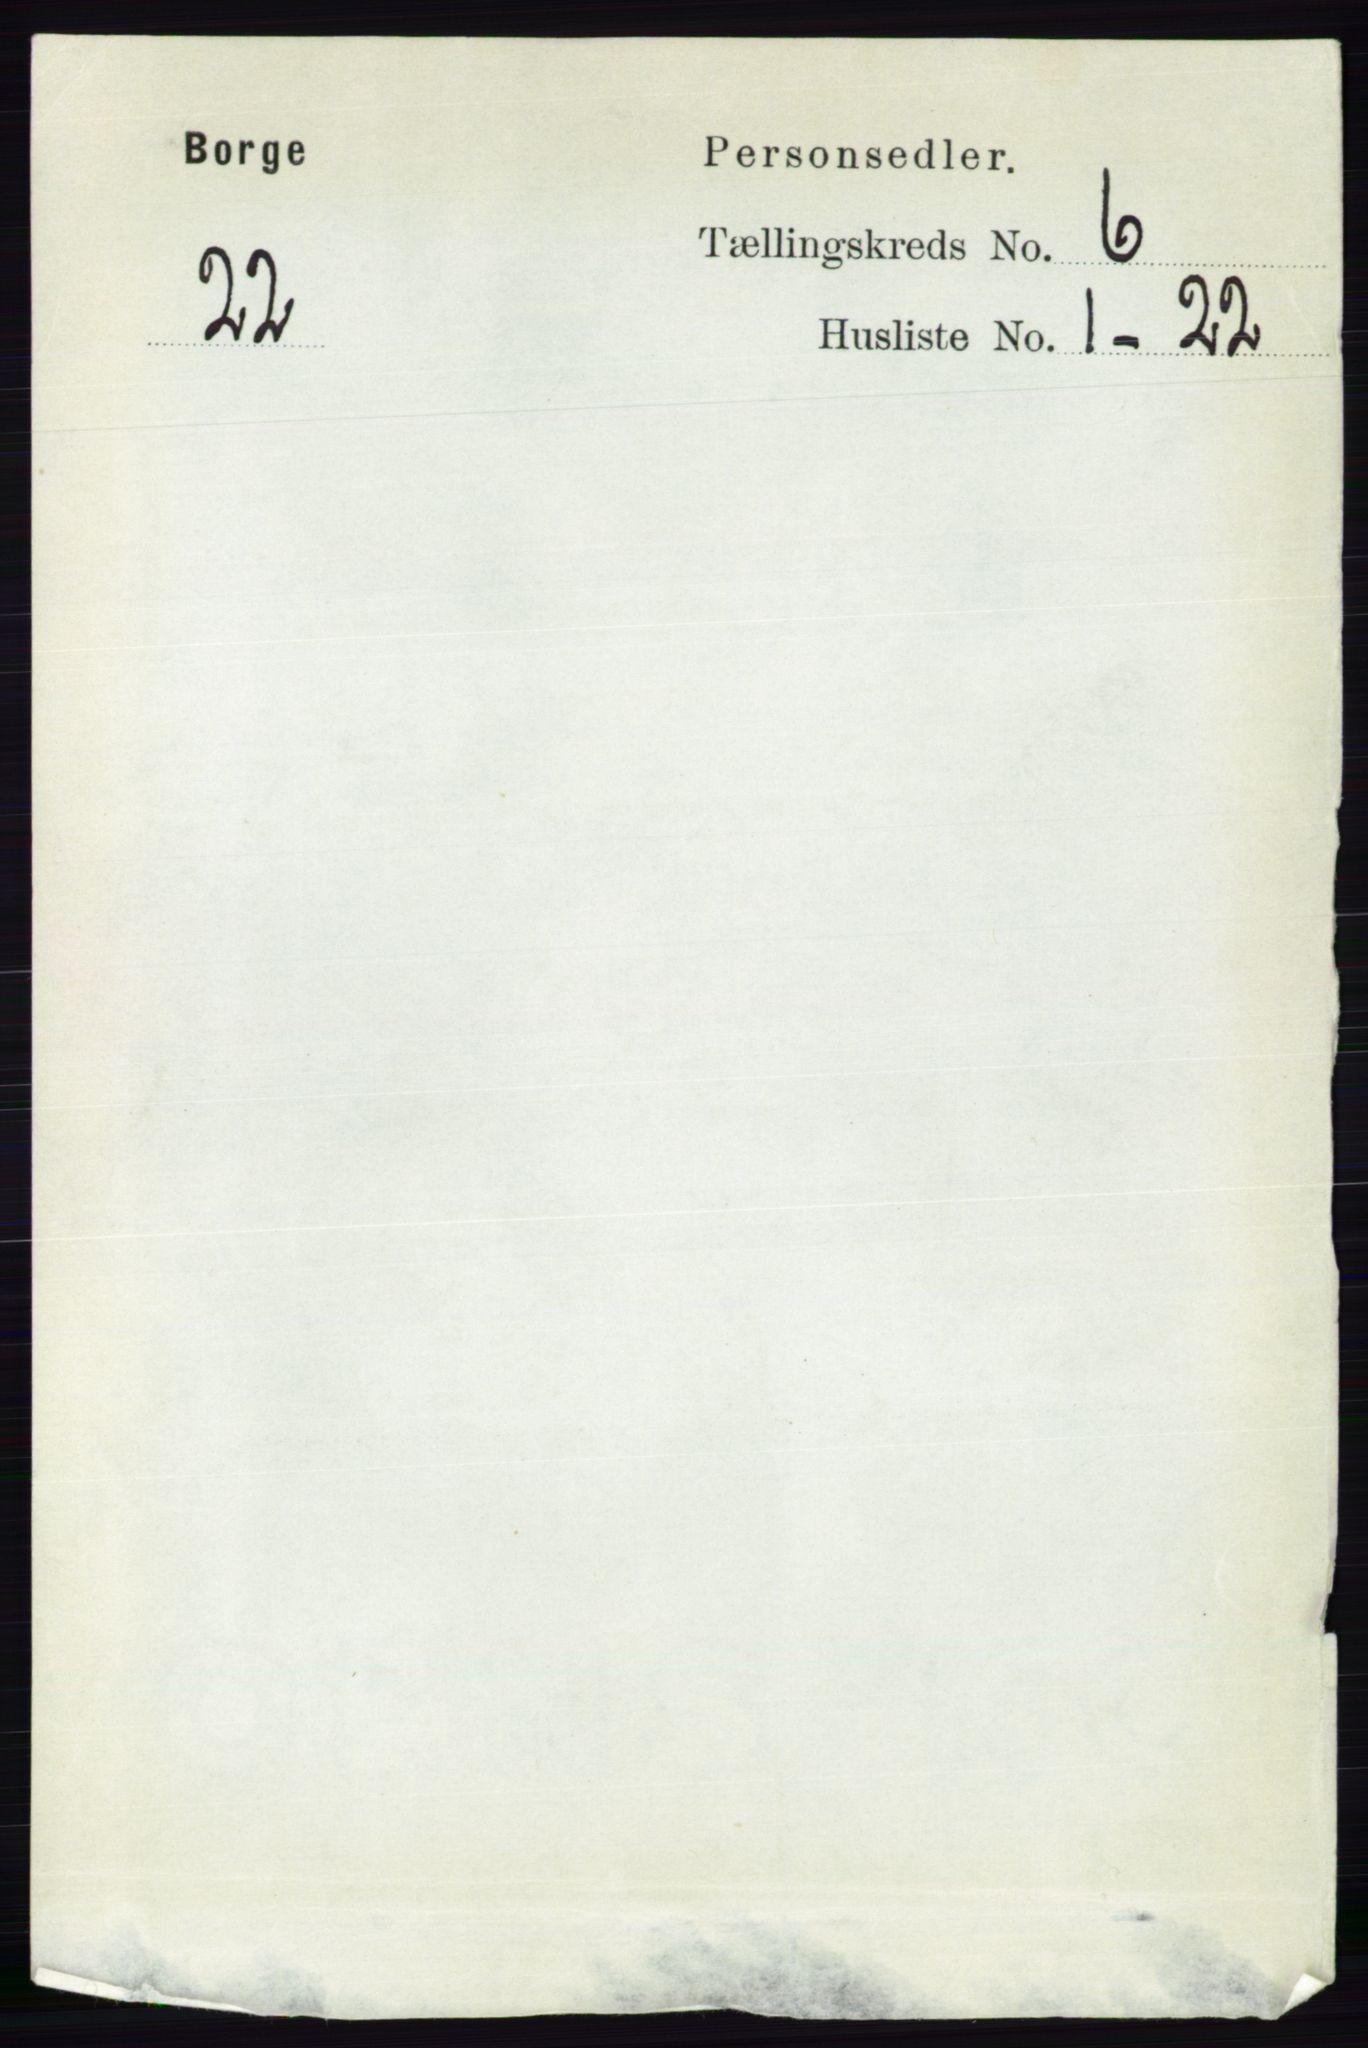 RA, Folketelling 1891 for 0113 Borge herred, 1891, s. 3035